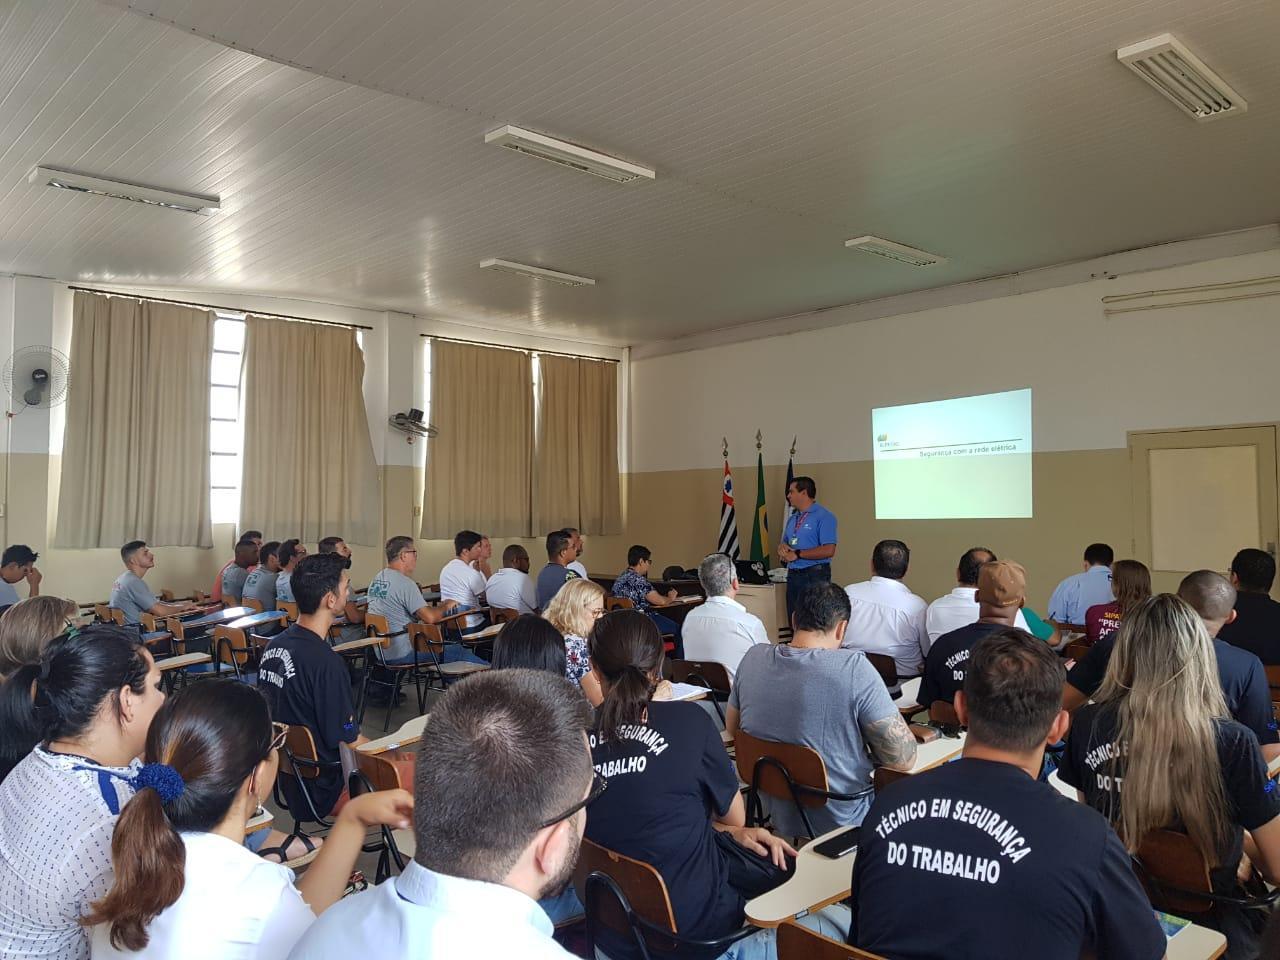 Prefeitura de Limeira realiza capacitação com Técnicos de Segurança no Trabalho